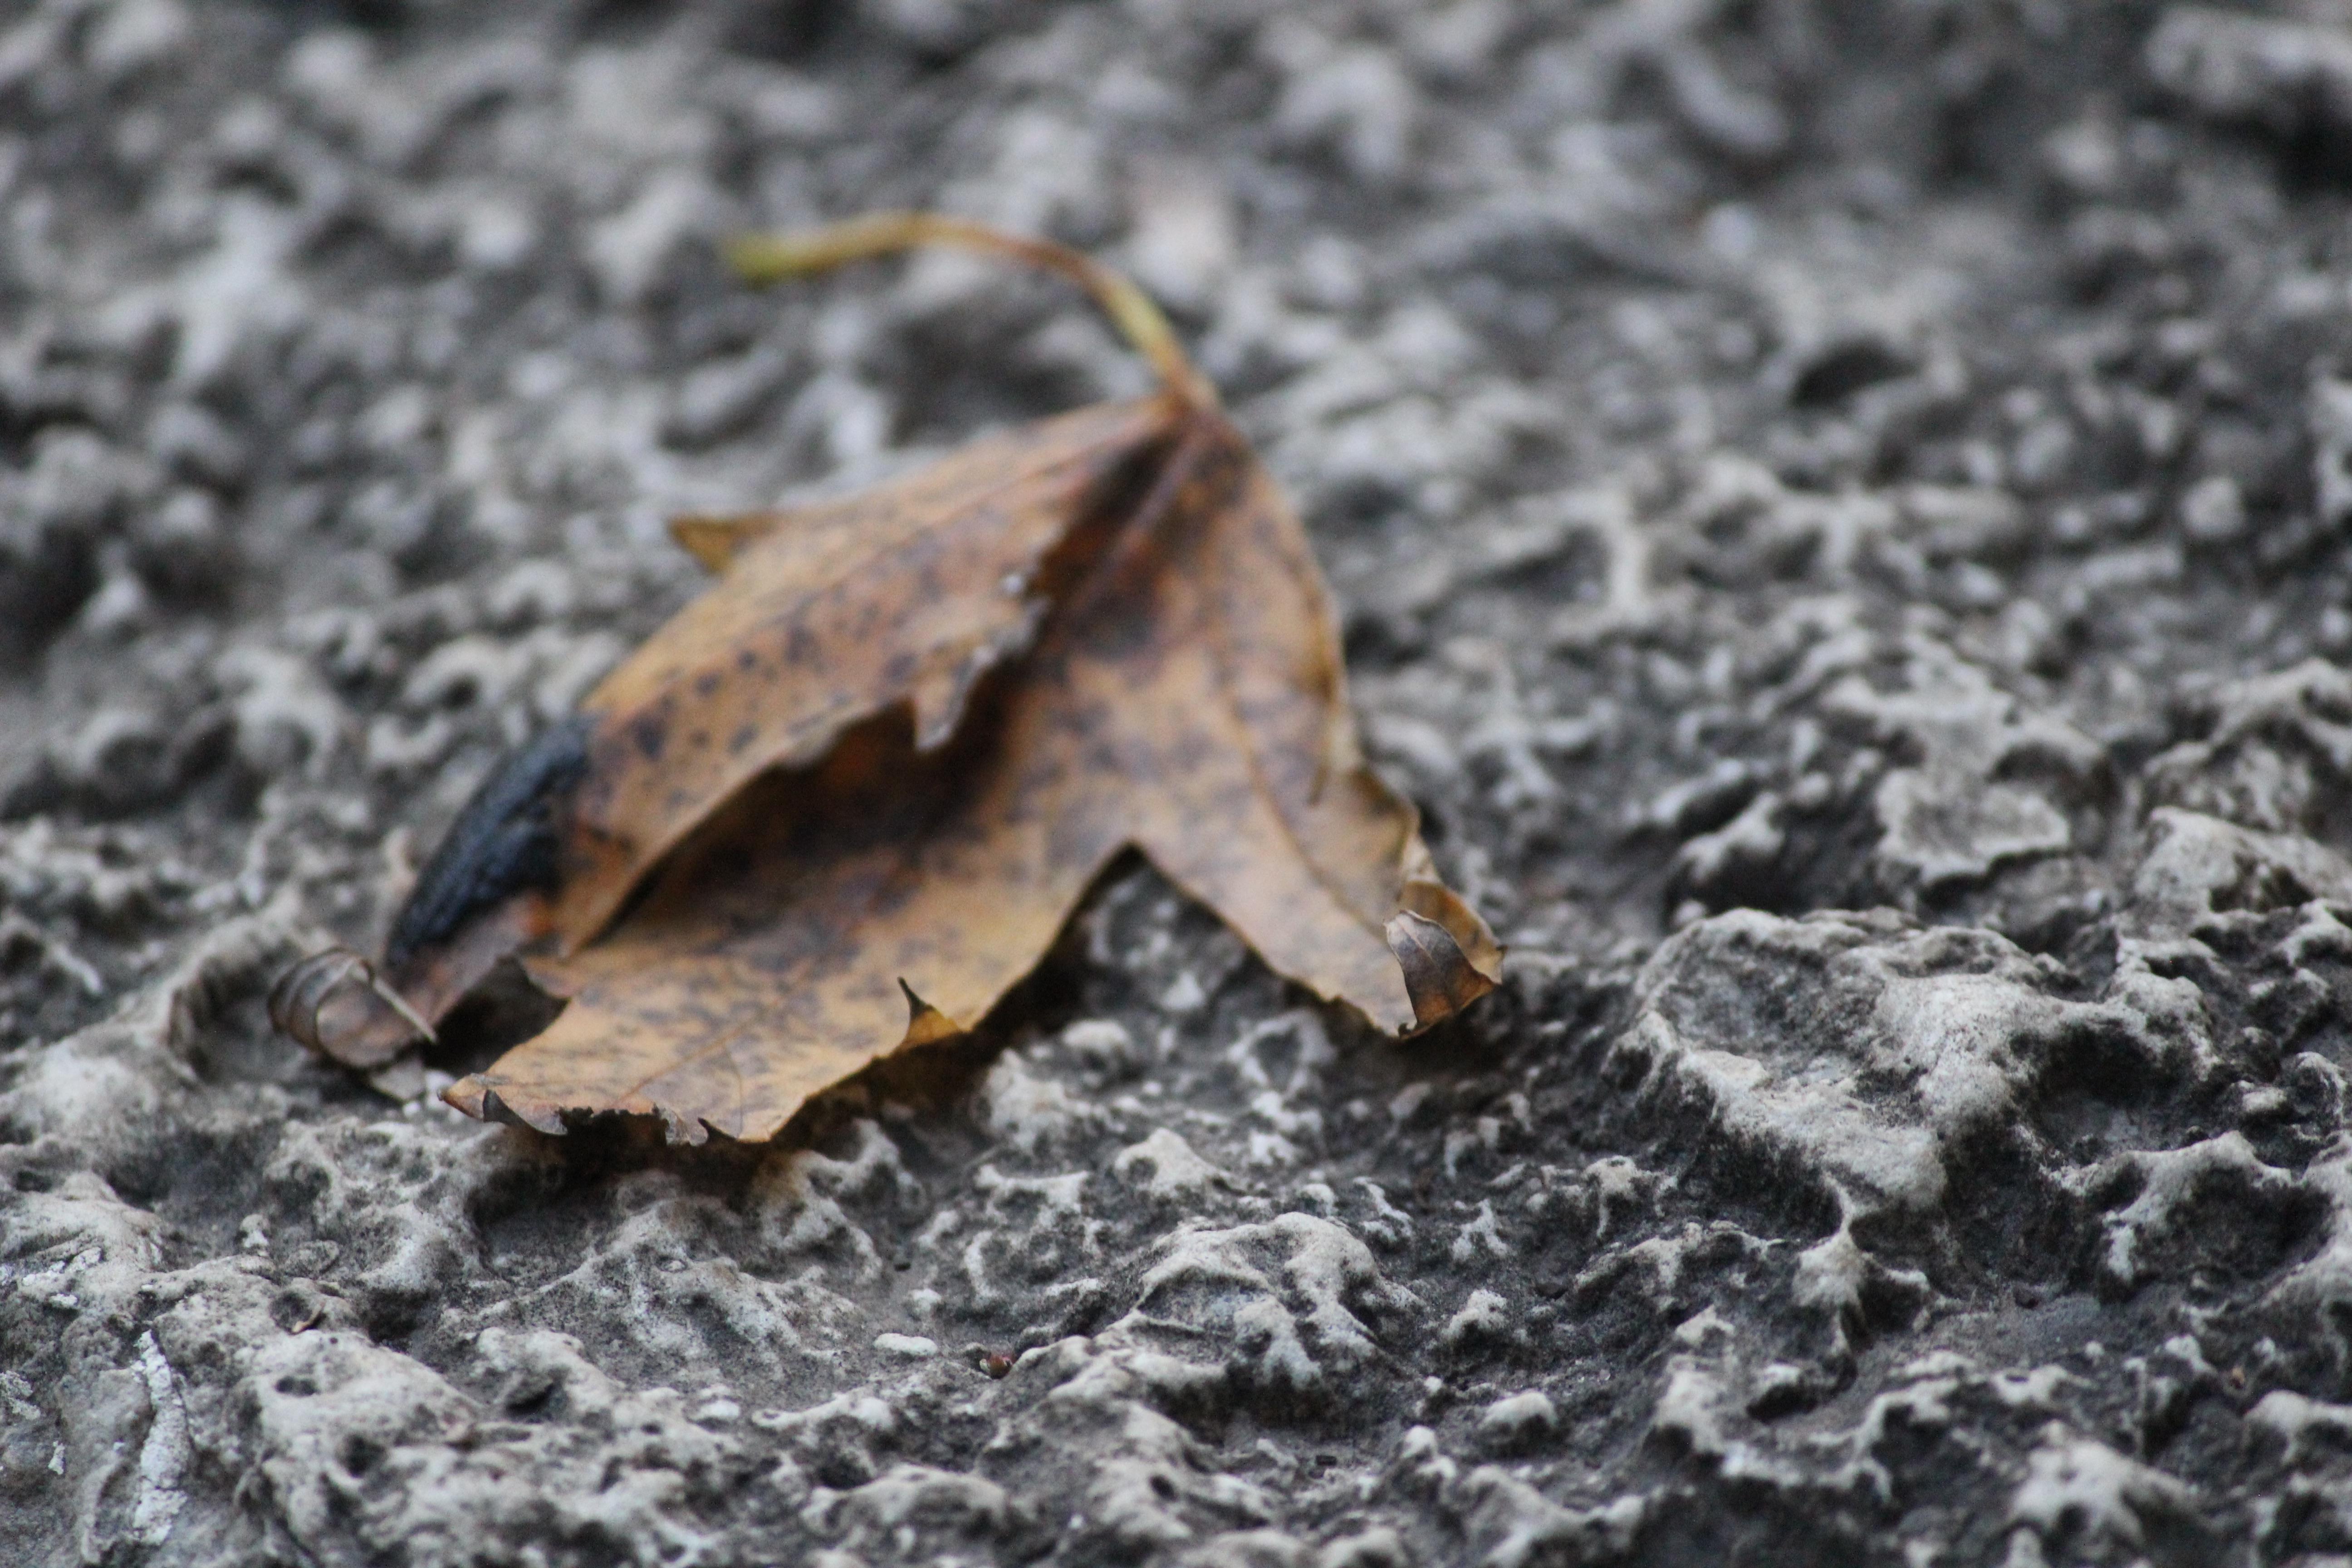 Fotos Gratis Rbol Madera Hoja Insecto Suelo Polilla Fauna  ~ Como Son Las Polillas De La Madera